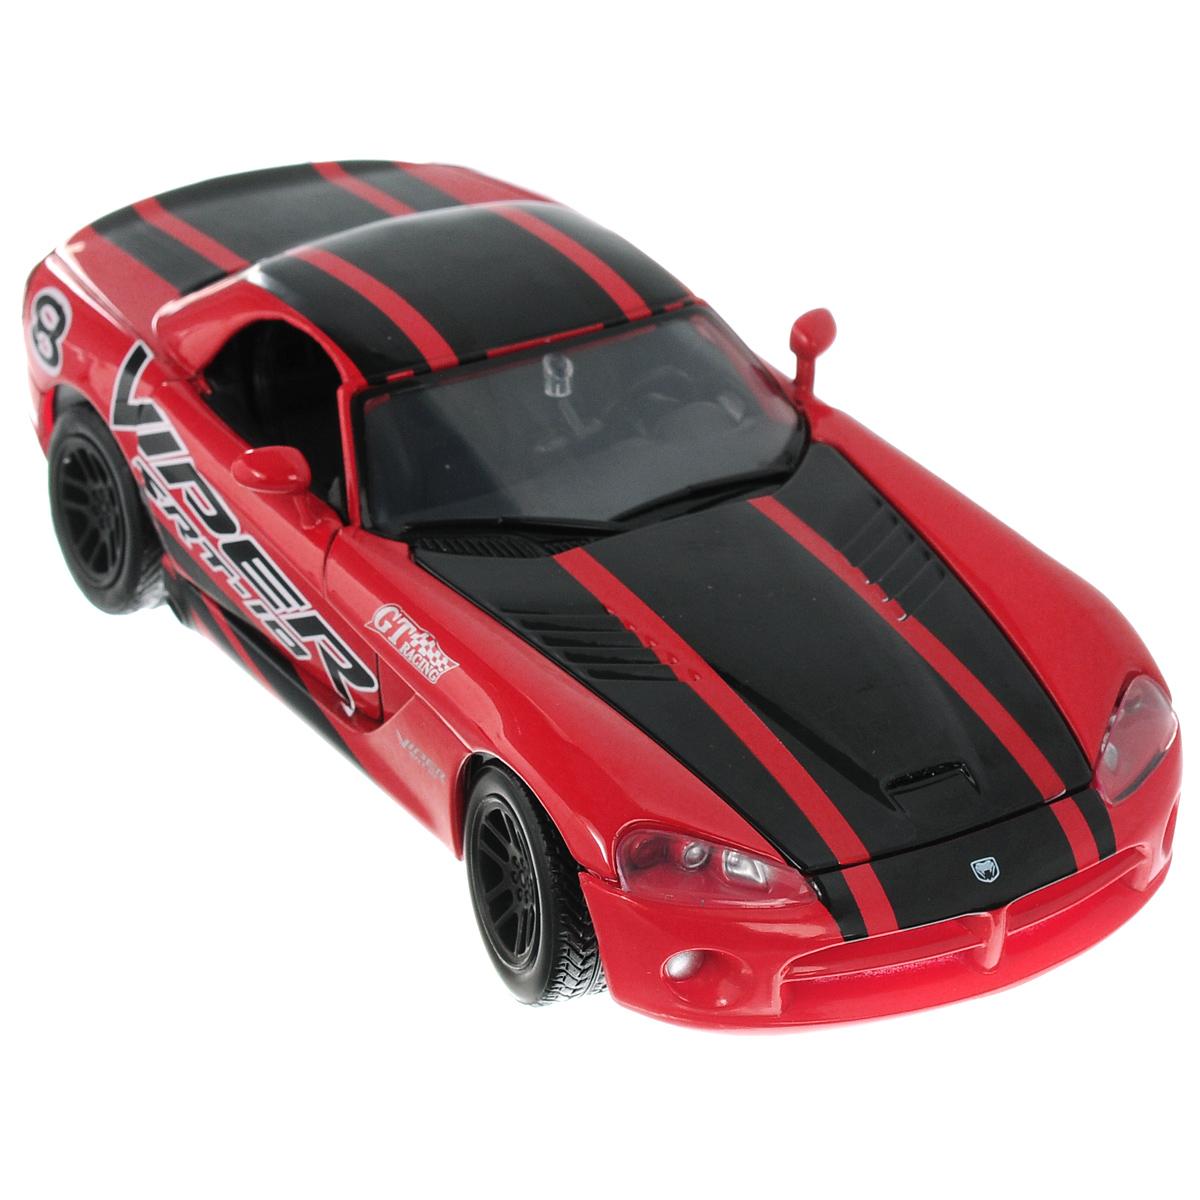 MotorMax Модель автомобиля Dodge Viper SRT-10 модель автомобиля 1 24 motormax dodge viper srt10 racing 2003